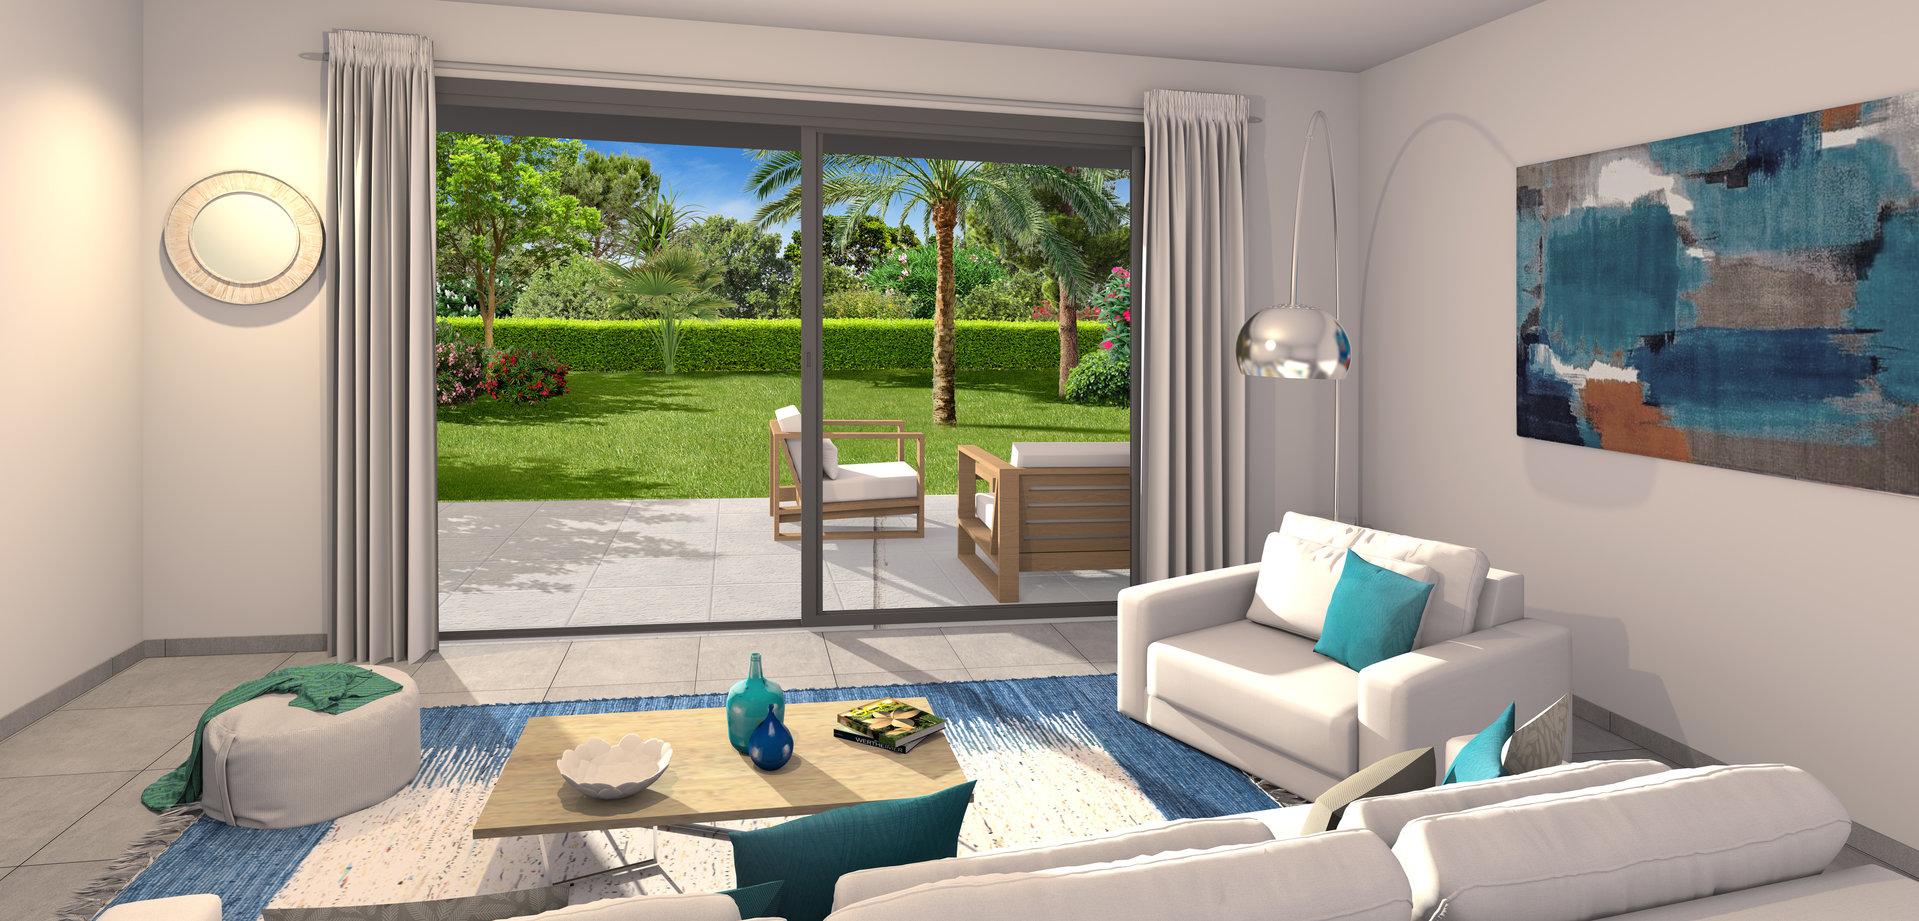 New apartment in SAINT-RAPHAEL